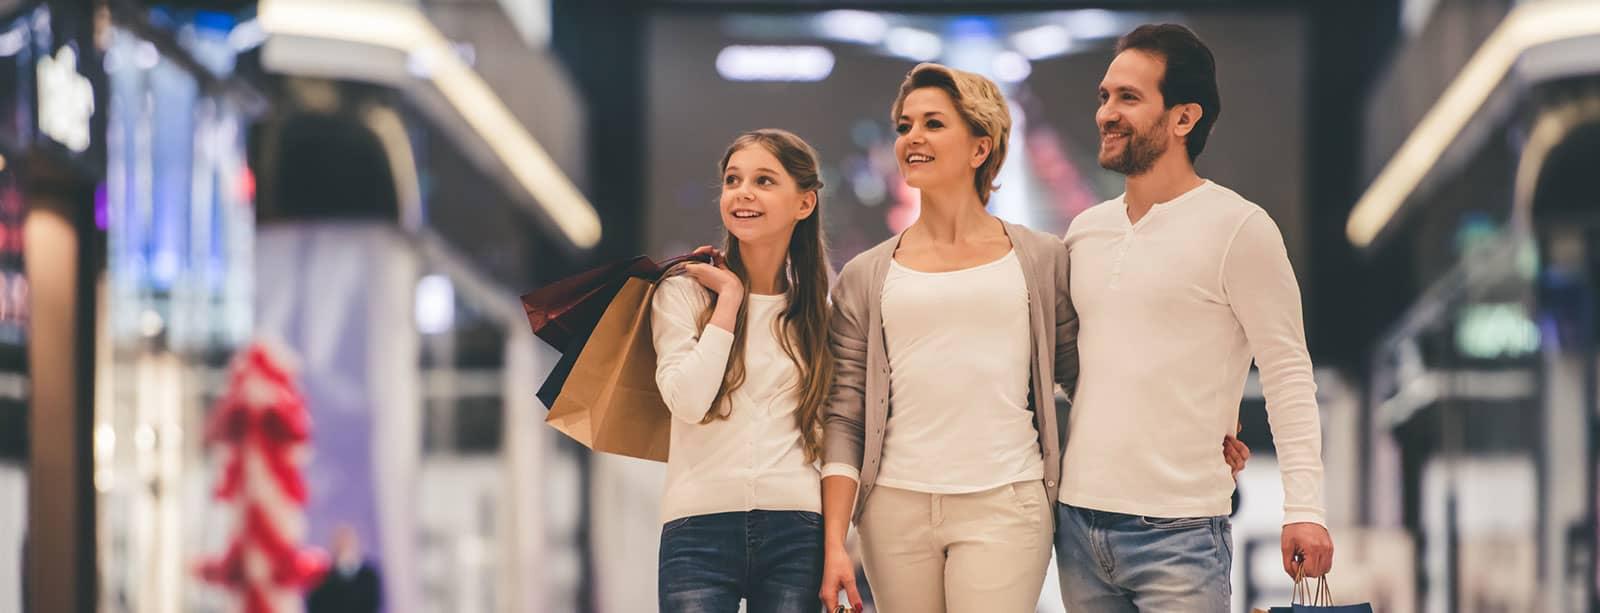 Shopping at Cabo San Lucas